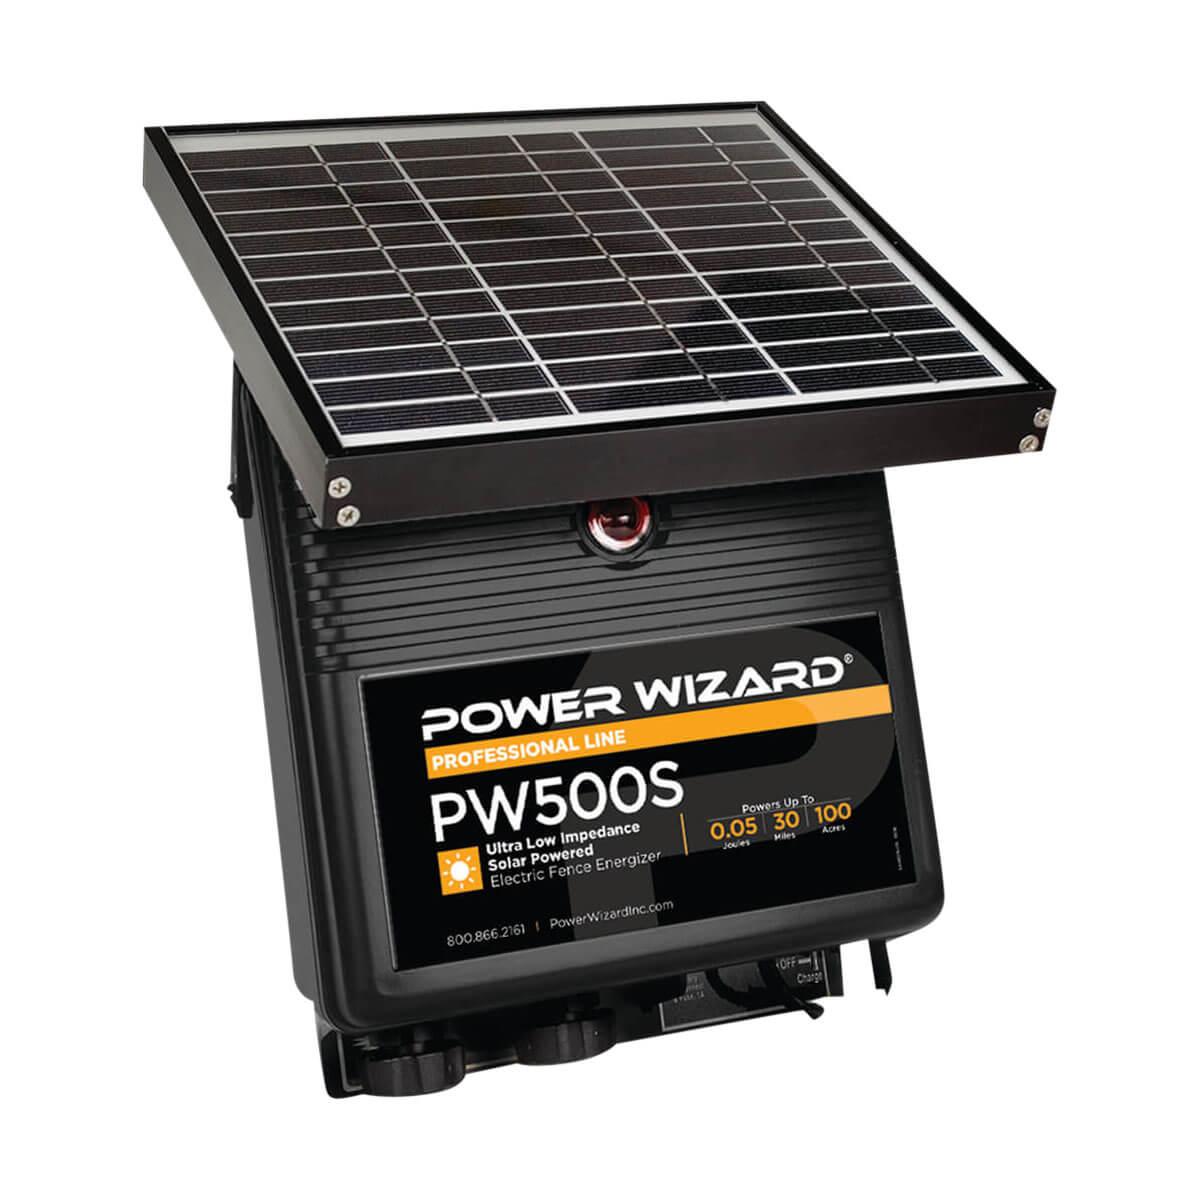 Power Wizard PW500S Solar Fence Energizer